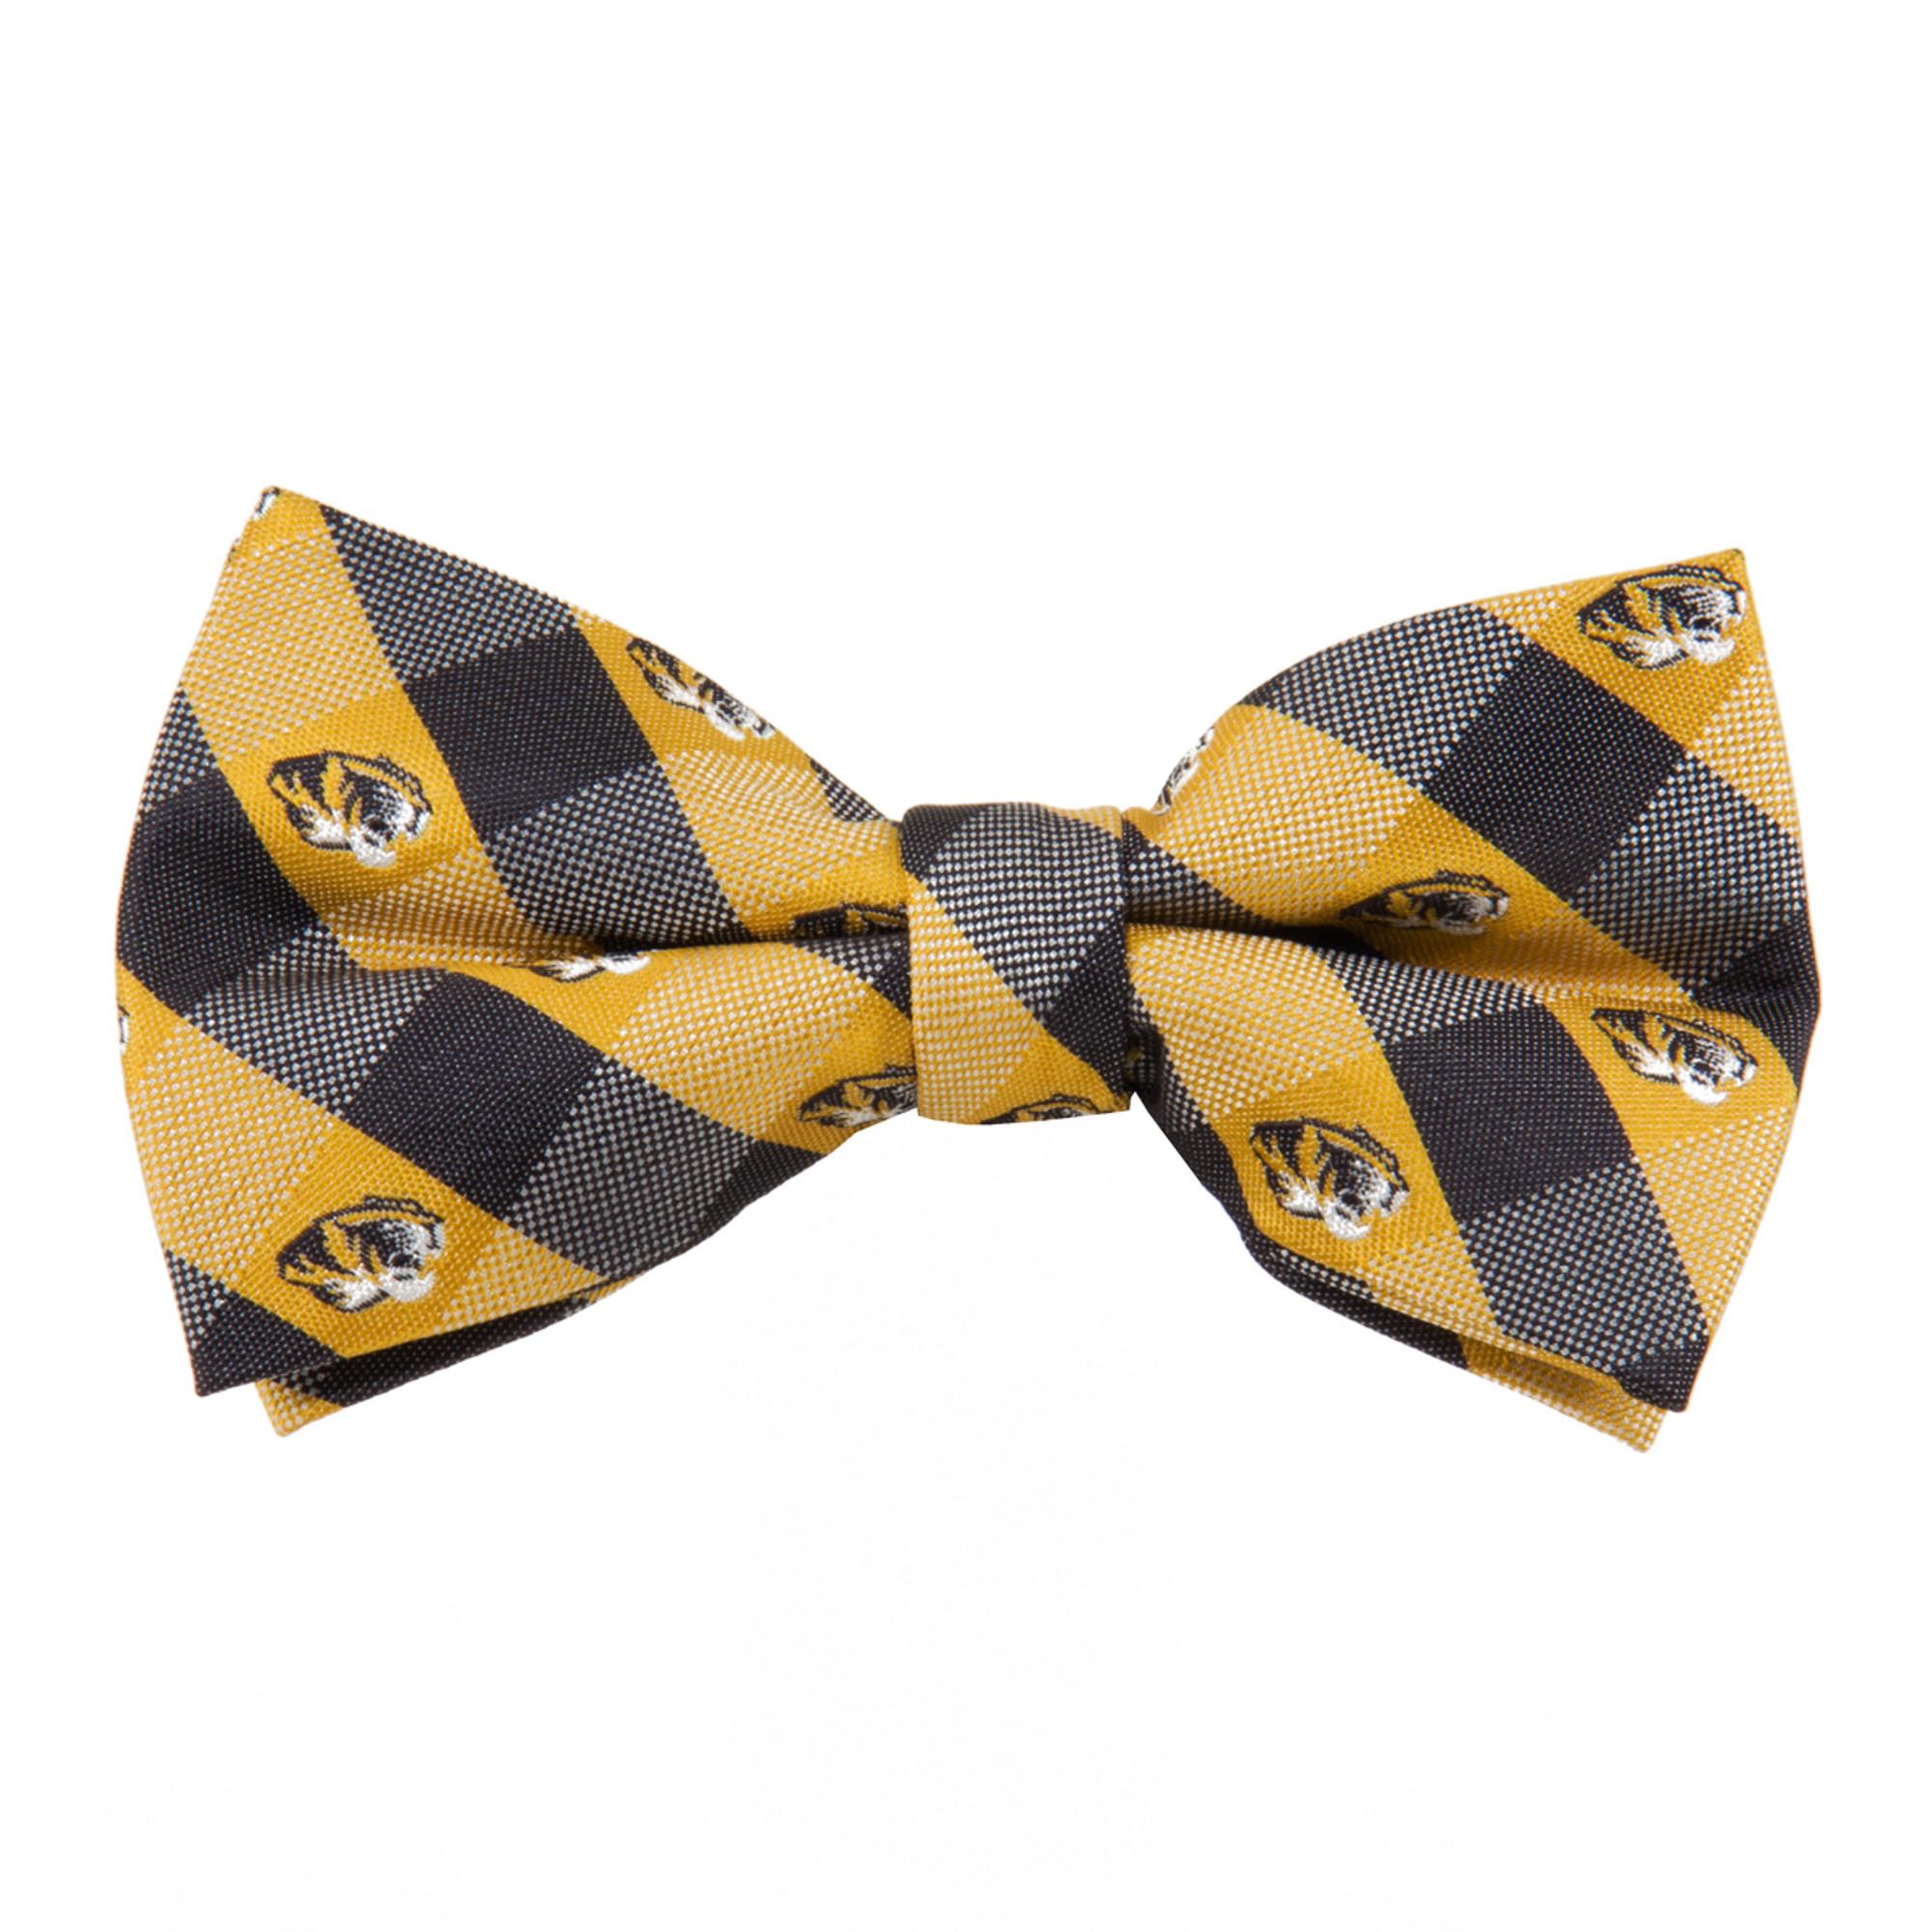 LSU Tigers NCAA Check Poly Necktie